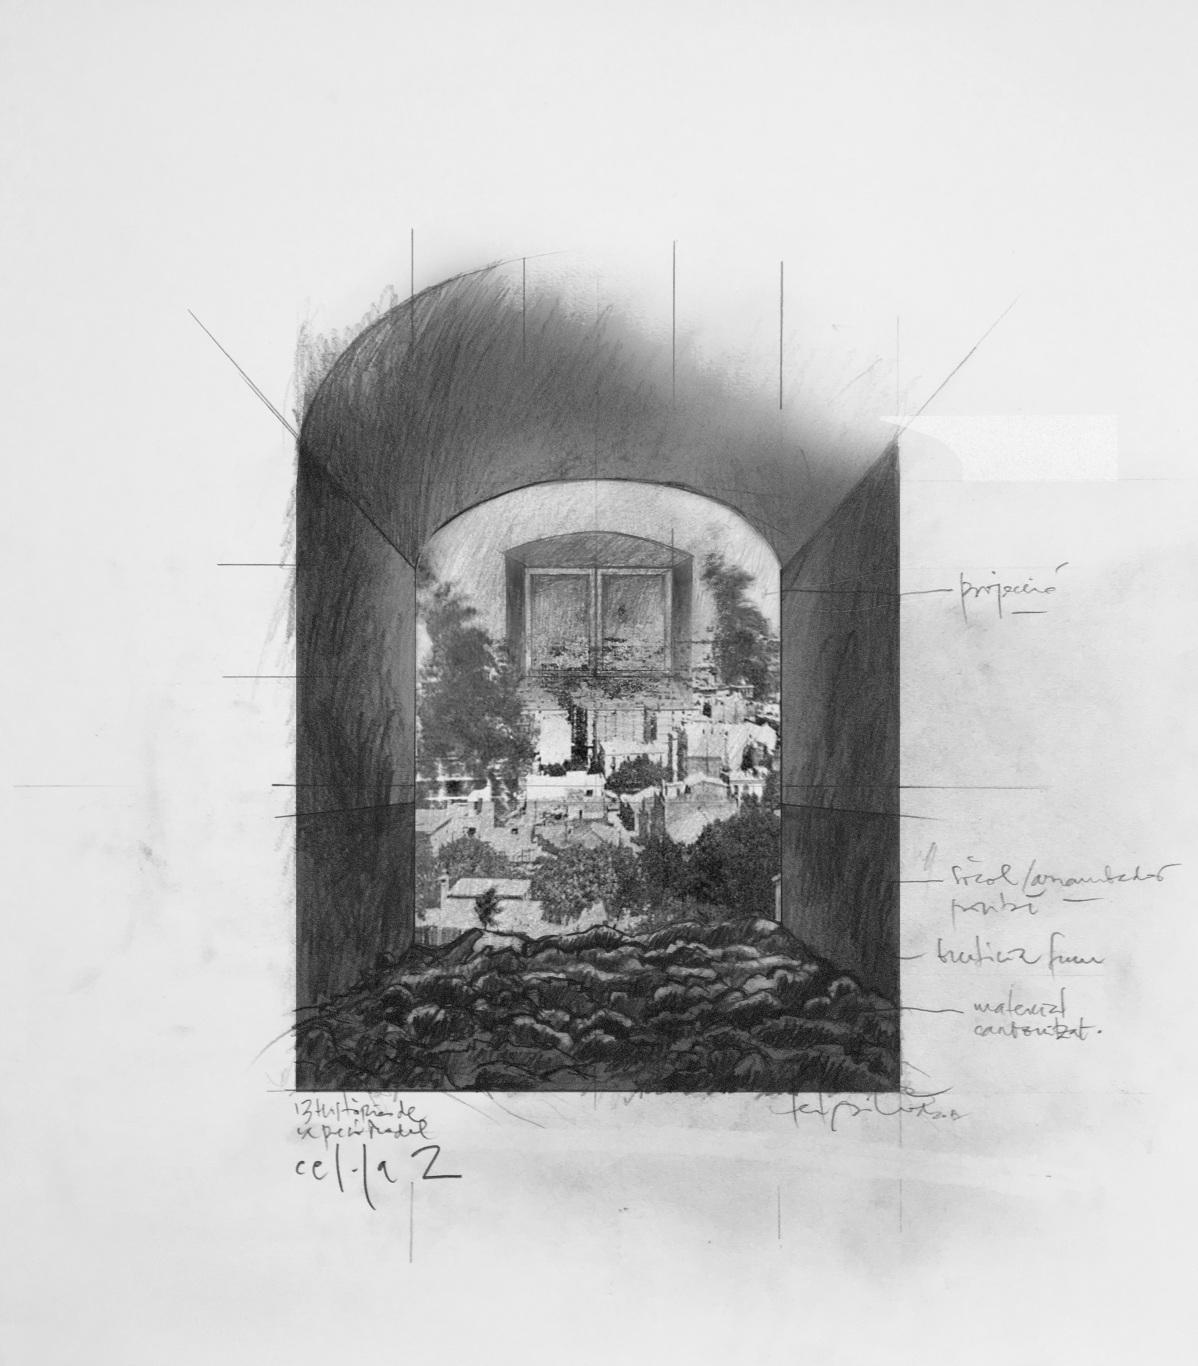 Visita museizada a la Presó Model. Dibujo de diseño Celda 2.